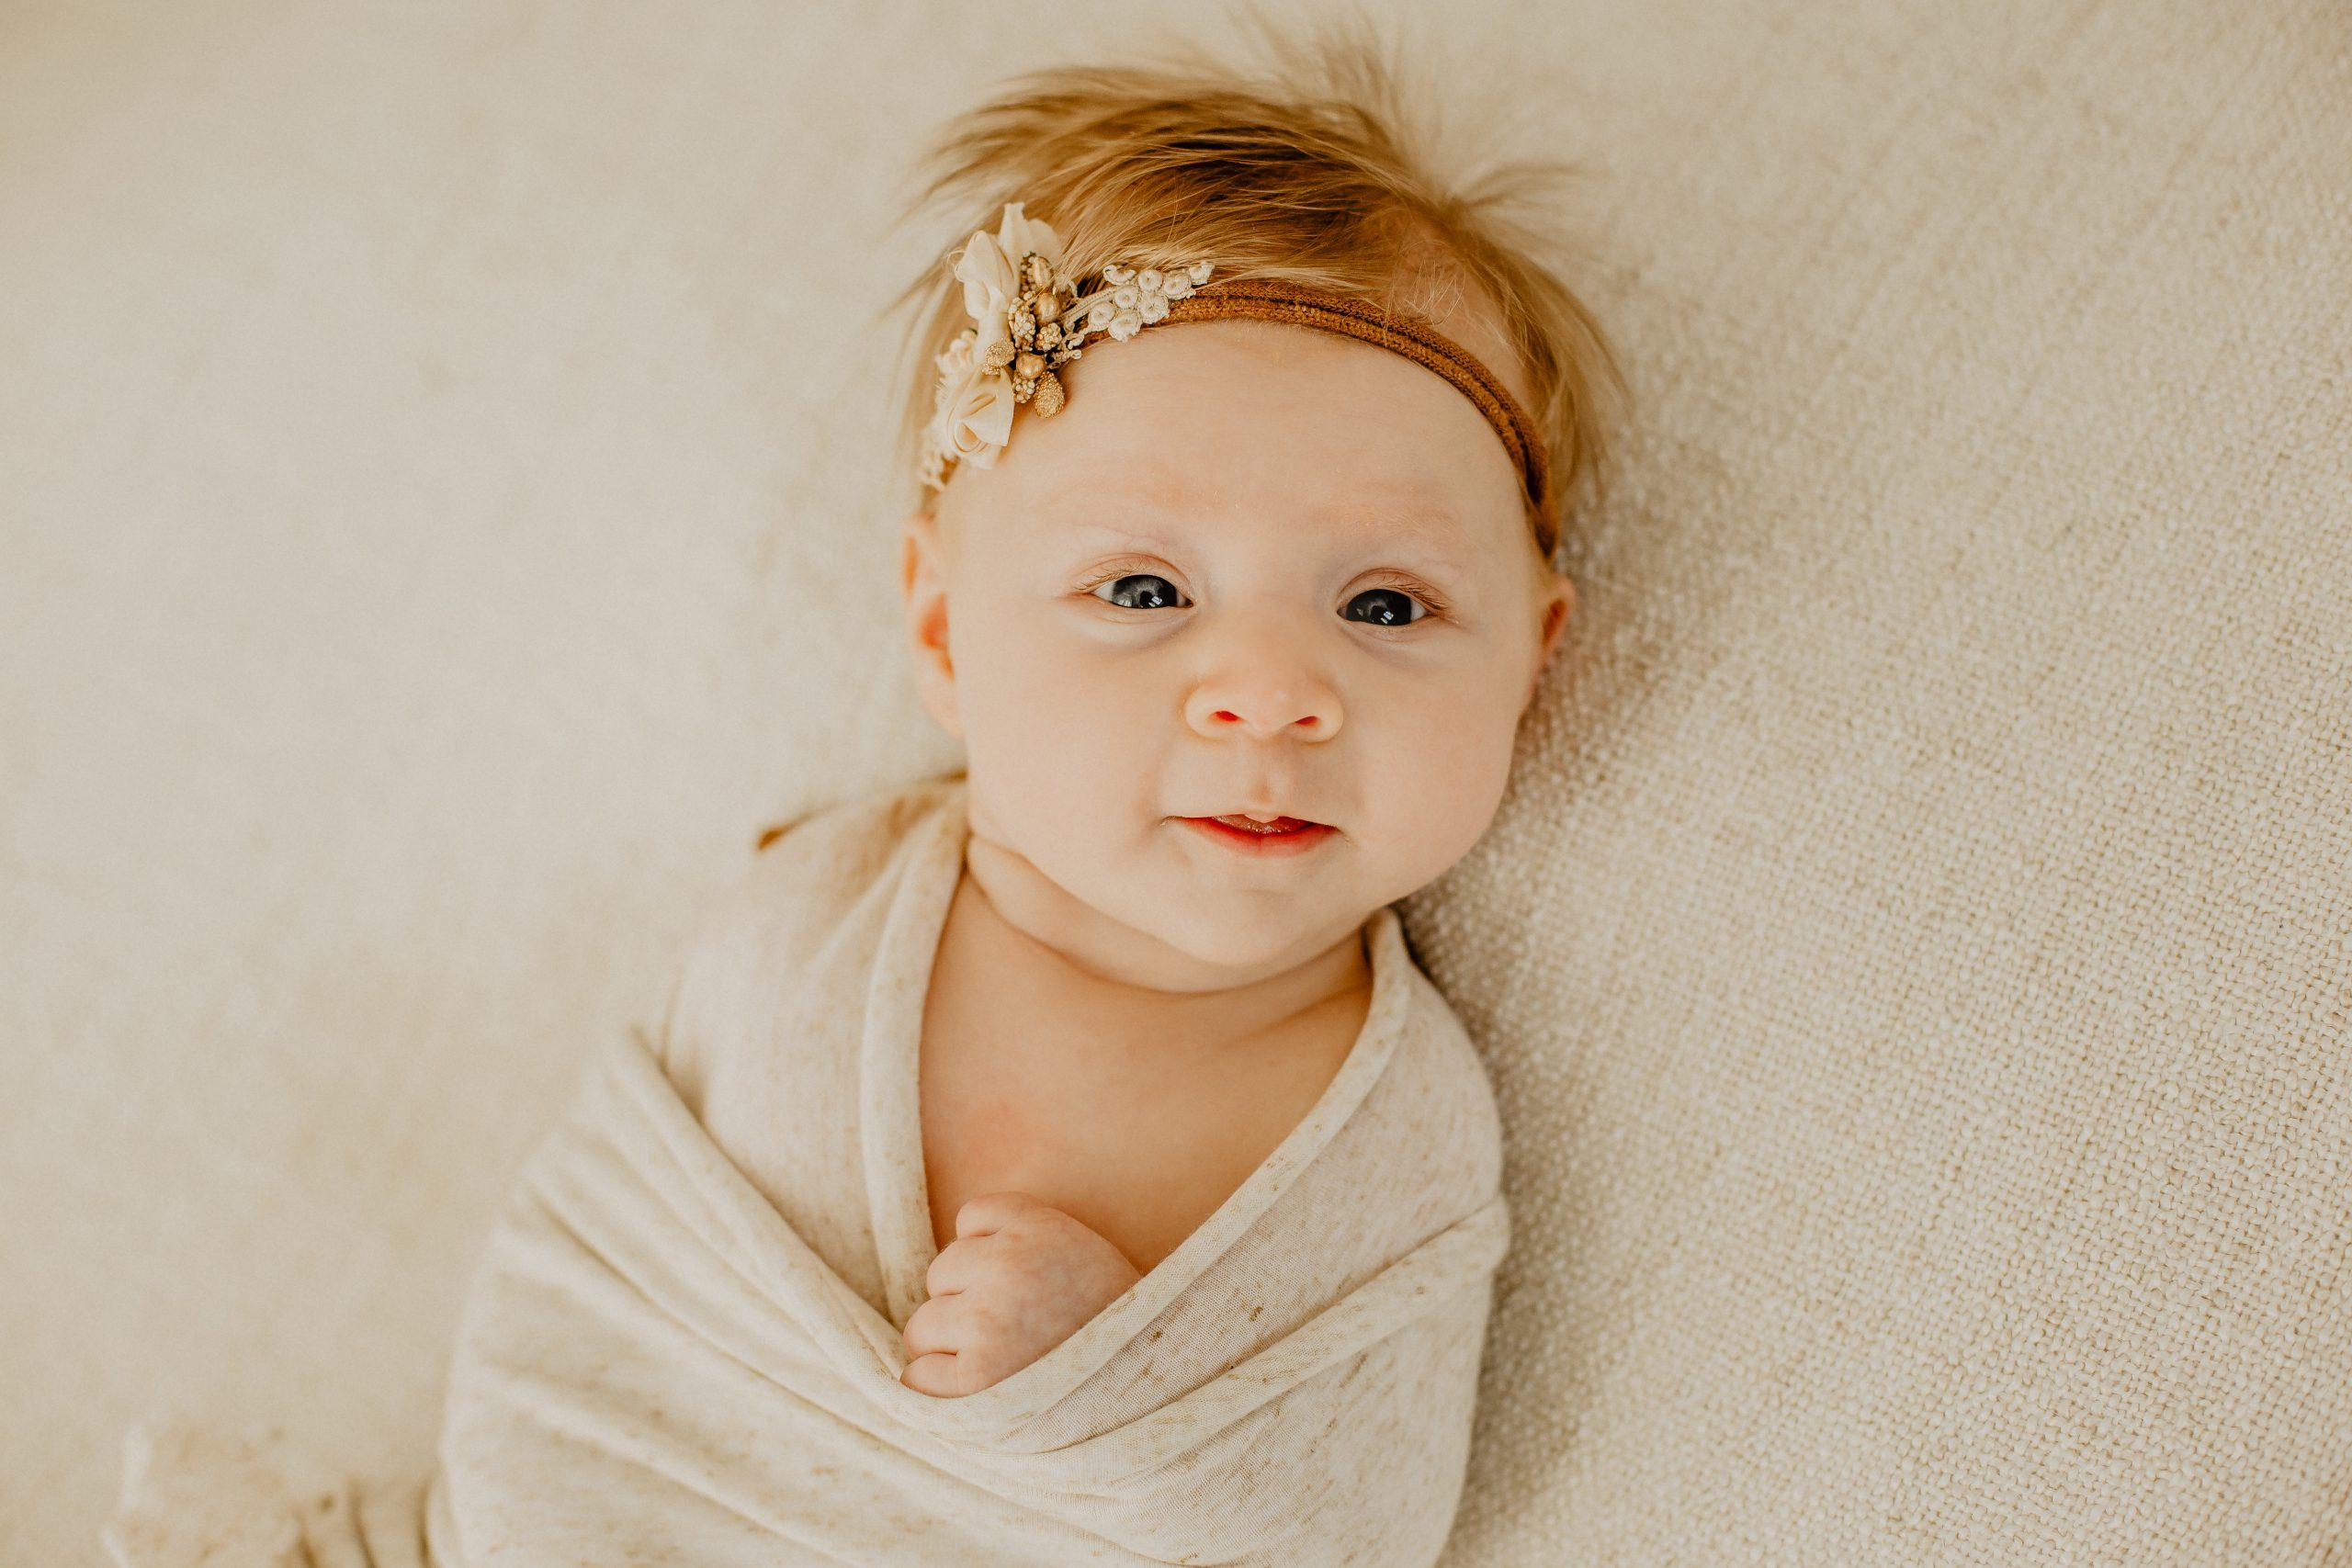 Virginie M. Photos-naissance-photos-studio-famille-portraits-séance famille-enfant-bébé-parents-Lille-Nord-Hauts de France-naturel-Croix-photographe-photographe Lille (2)